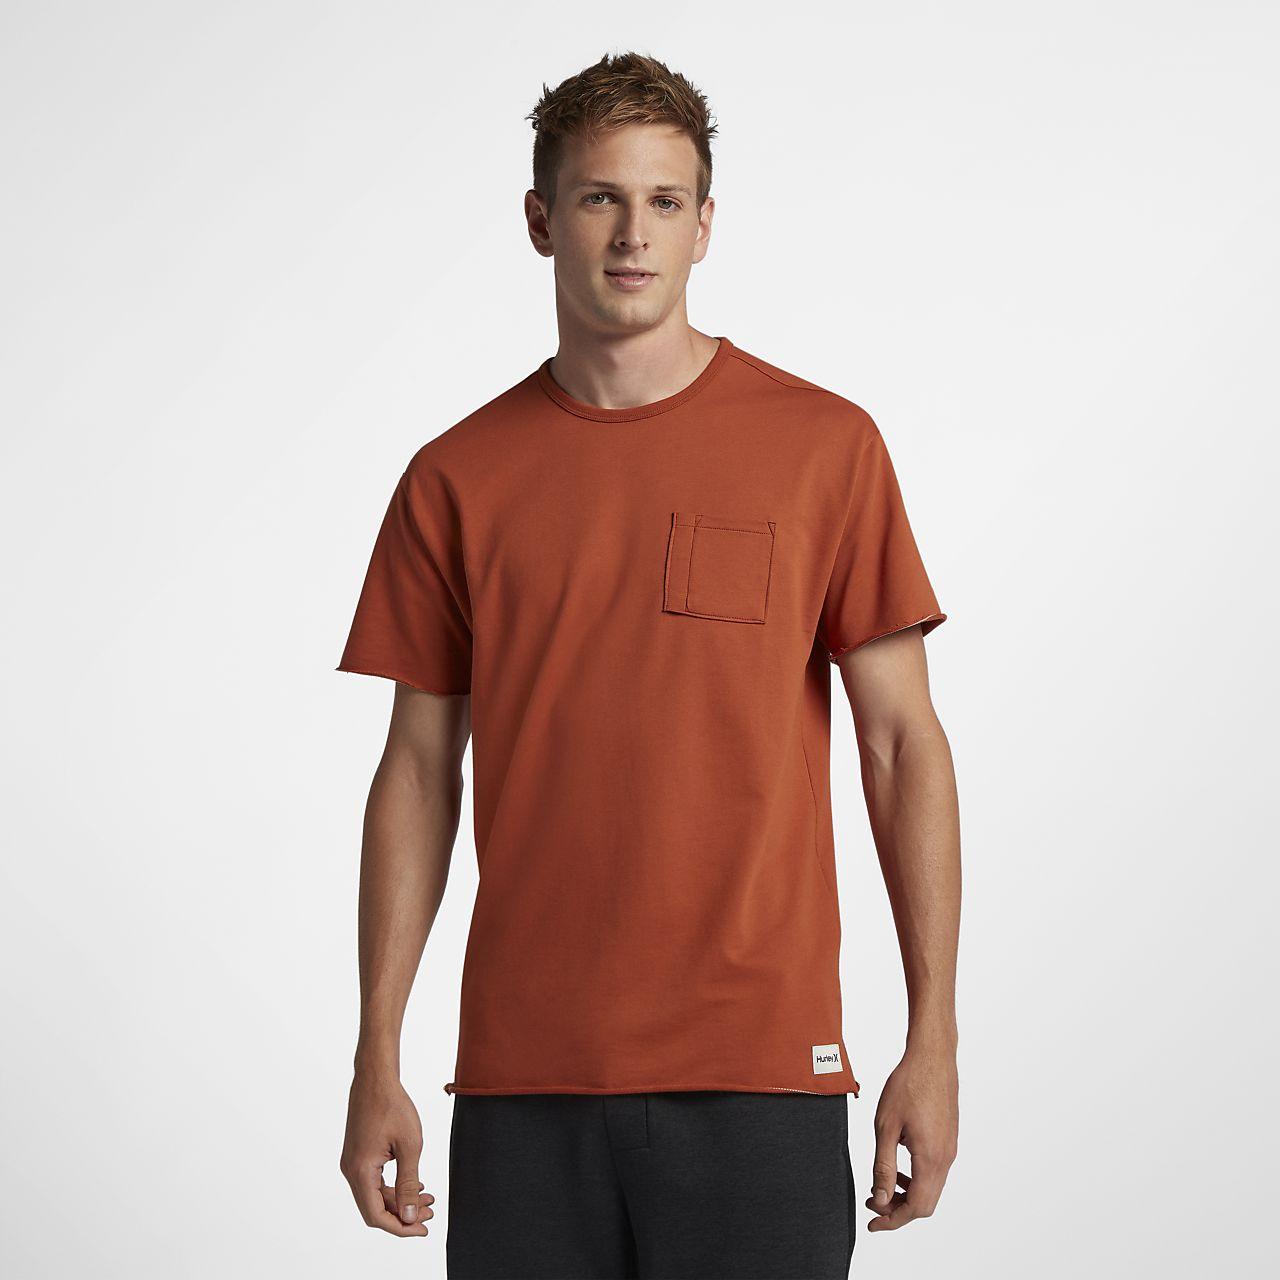 Hurley L7 Pocket Crew T-shirt voor heren